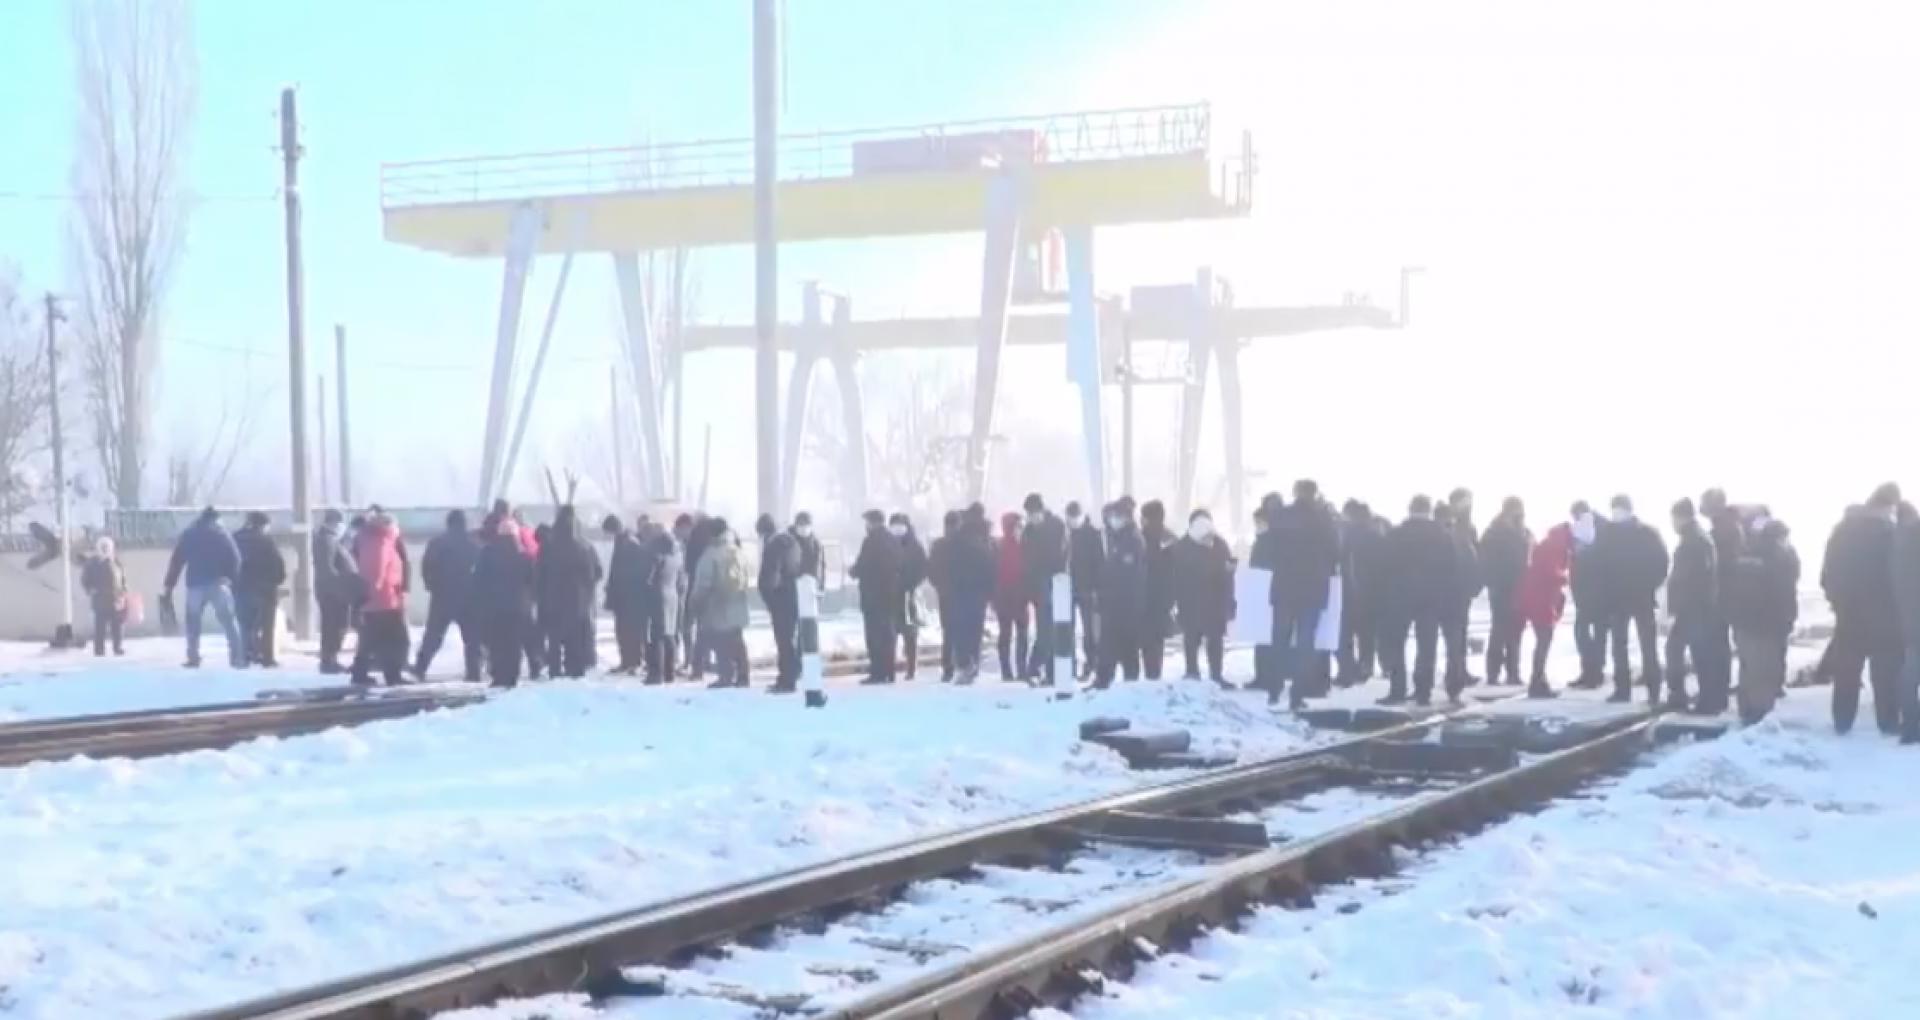 Angajaţii nodului feroviar Ocniţa au blocat circulaţia trenurilor marfare. Muncitorii spun că nu au primit salariile din luna noiembrie